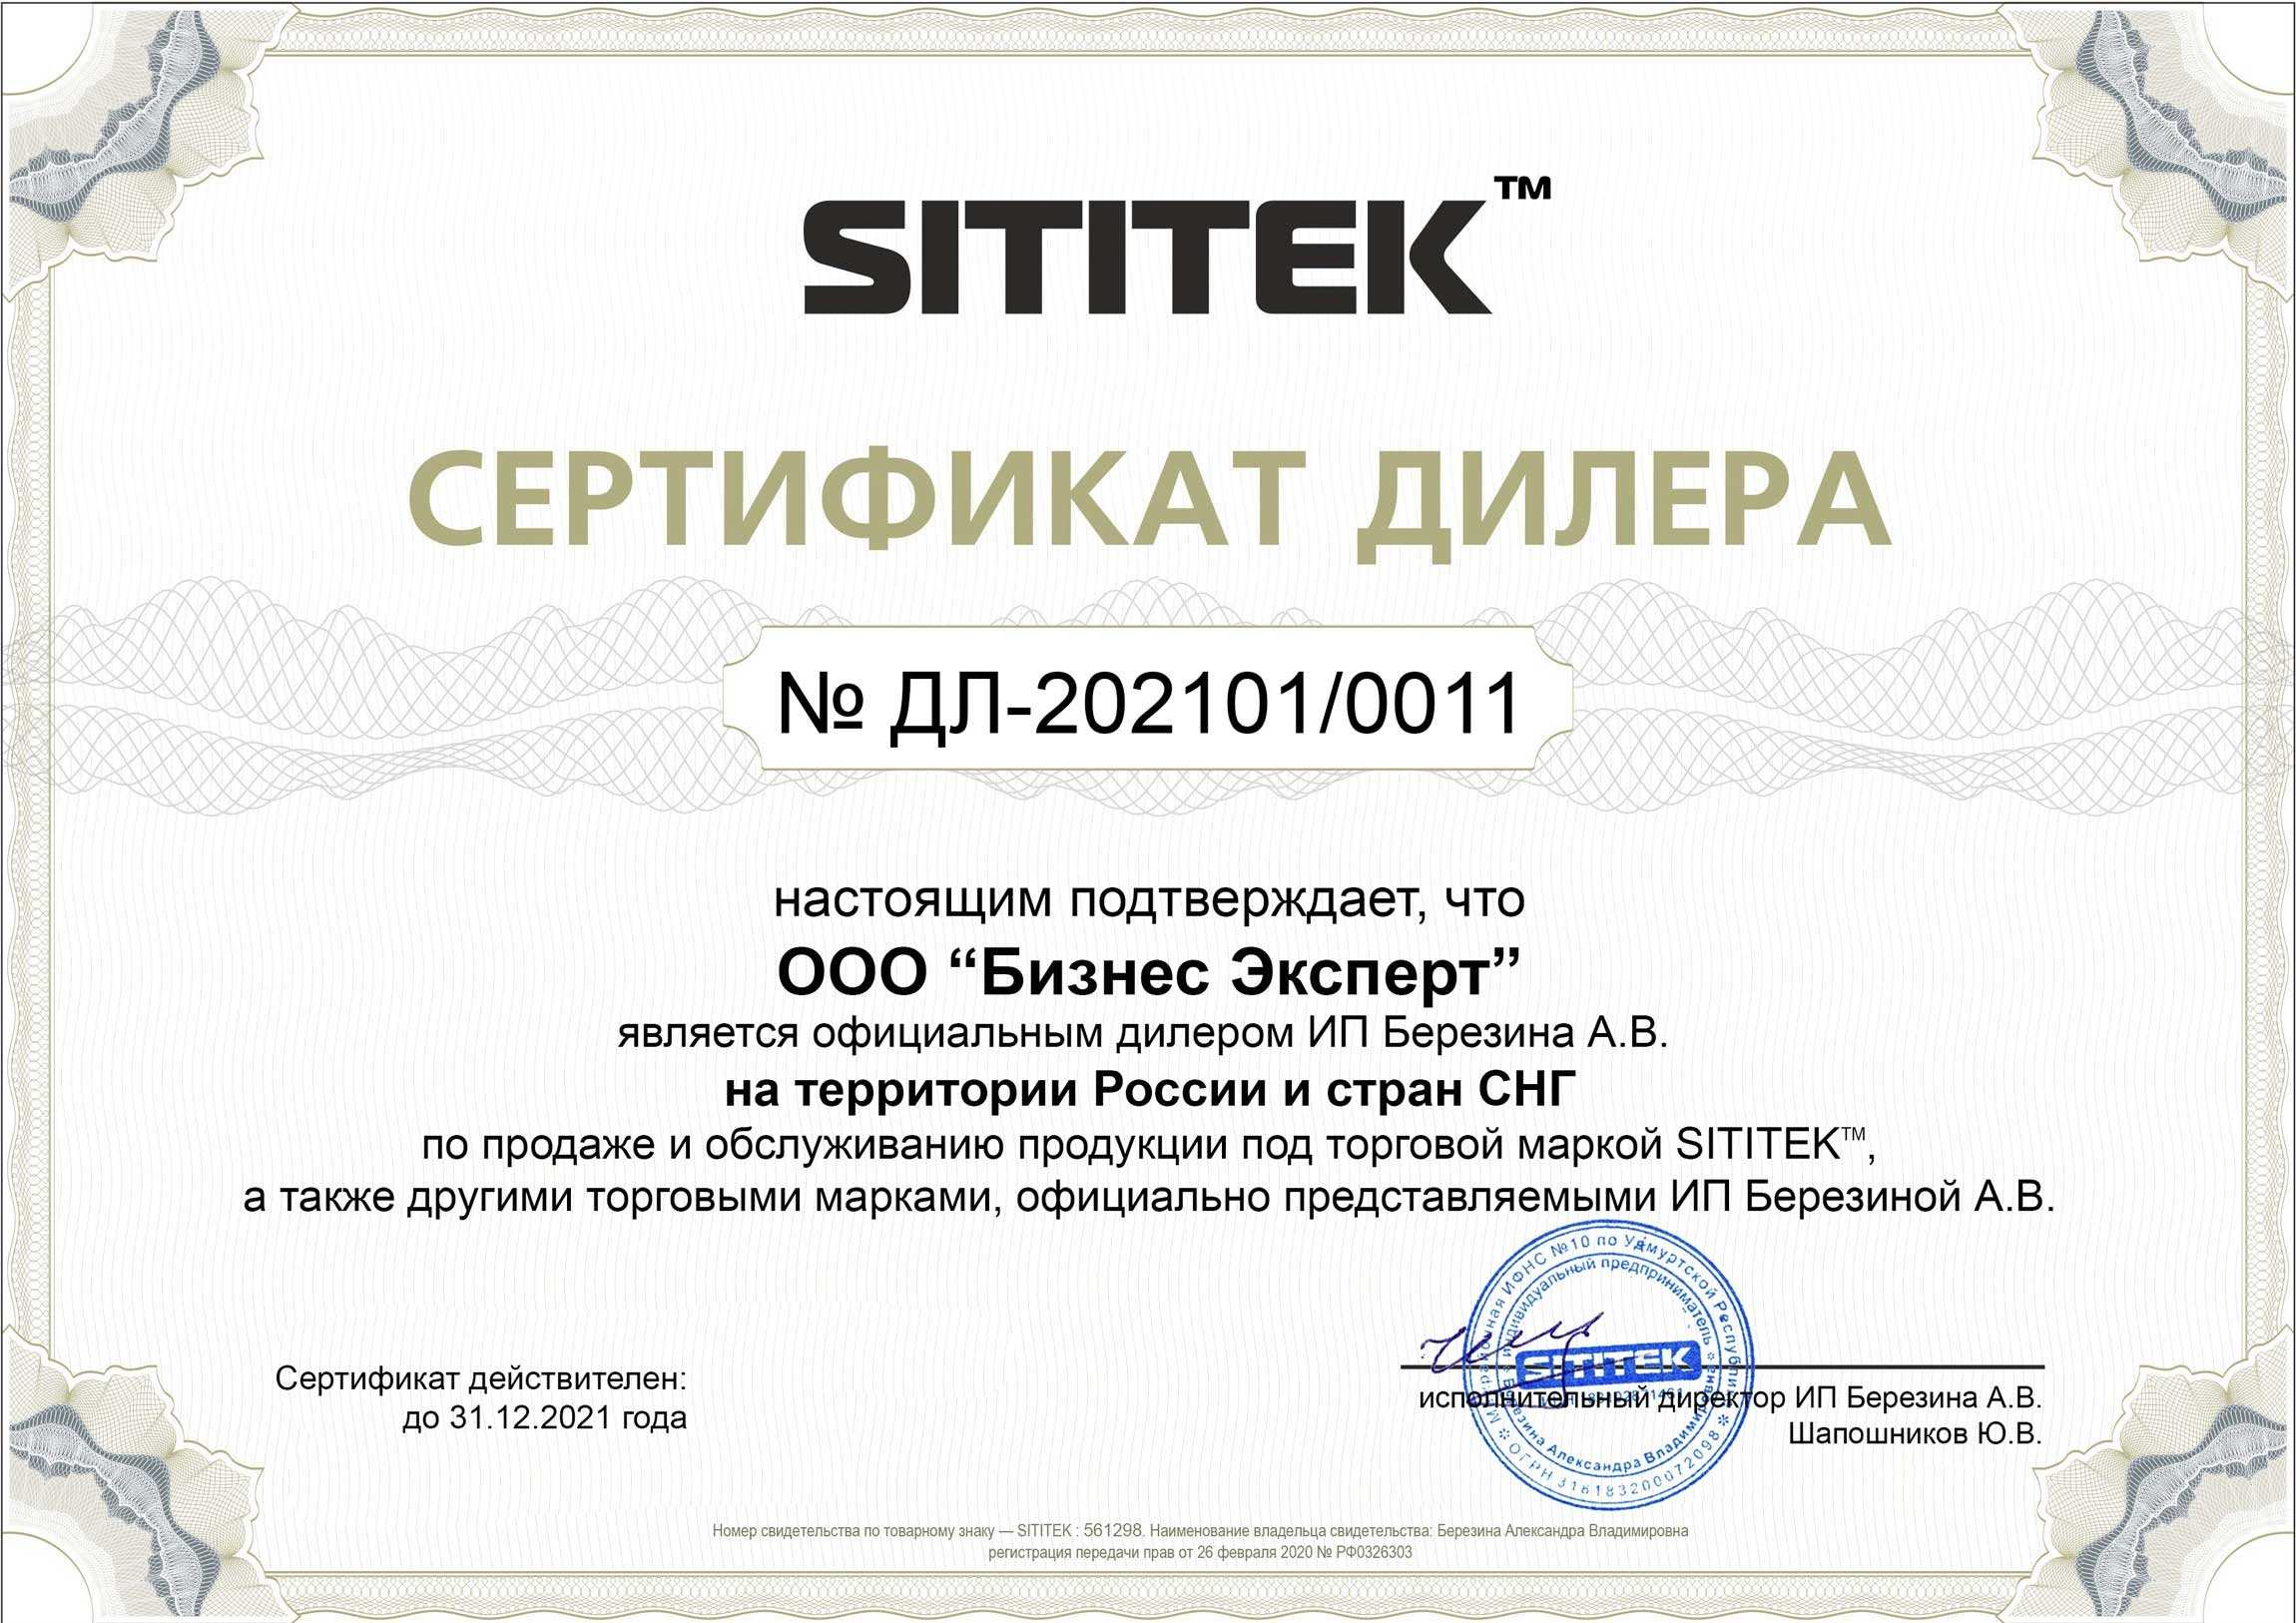 Наша компания наделена дилерскими правами на продажу и обслуживание товаров под маркой SITITEK (изображение увеличивается по клику)